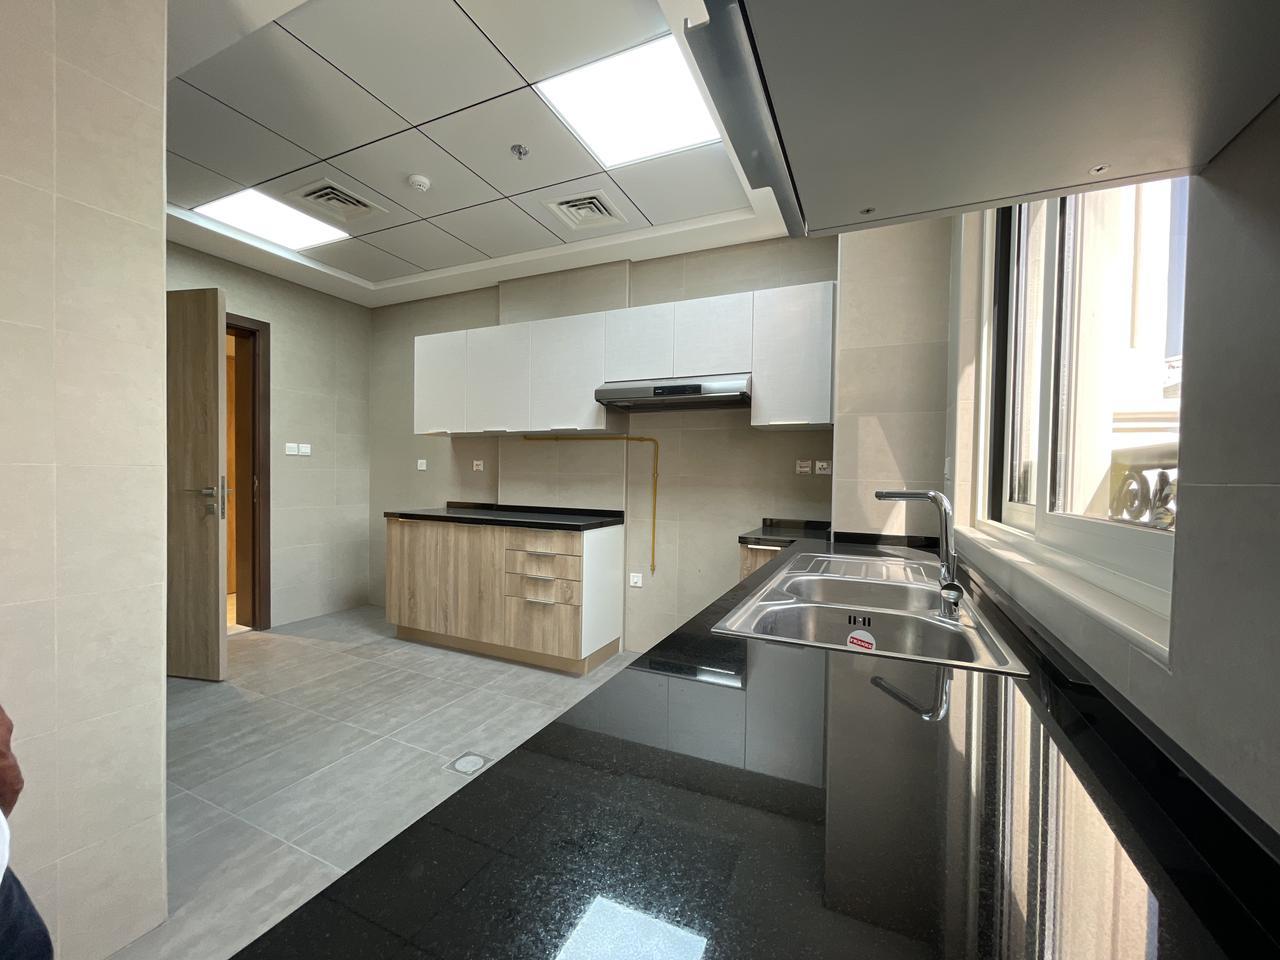 Premium Brand New 1 Bedroom Apartments - Image 4